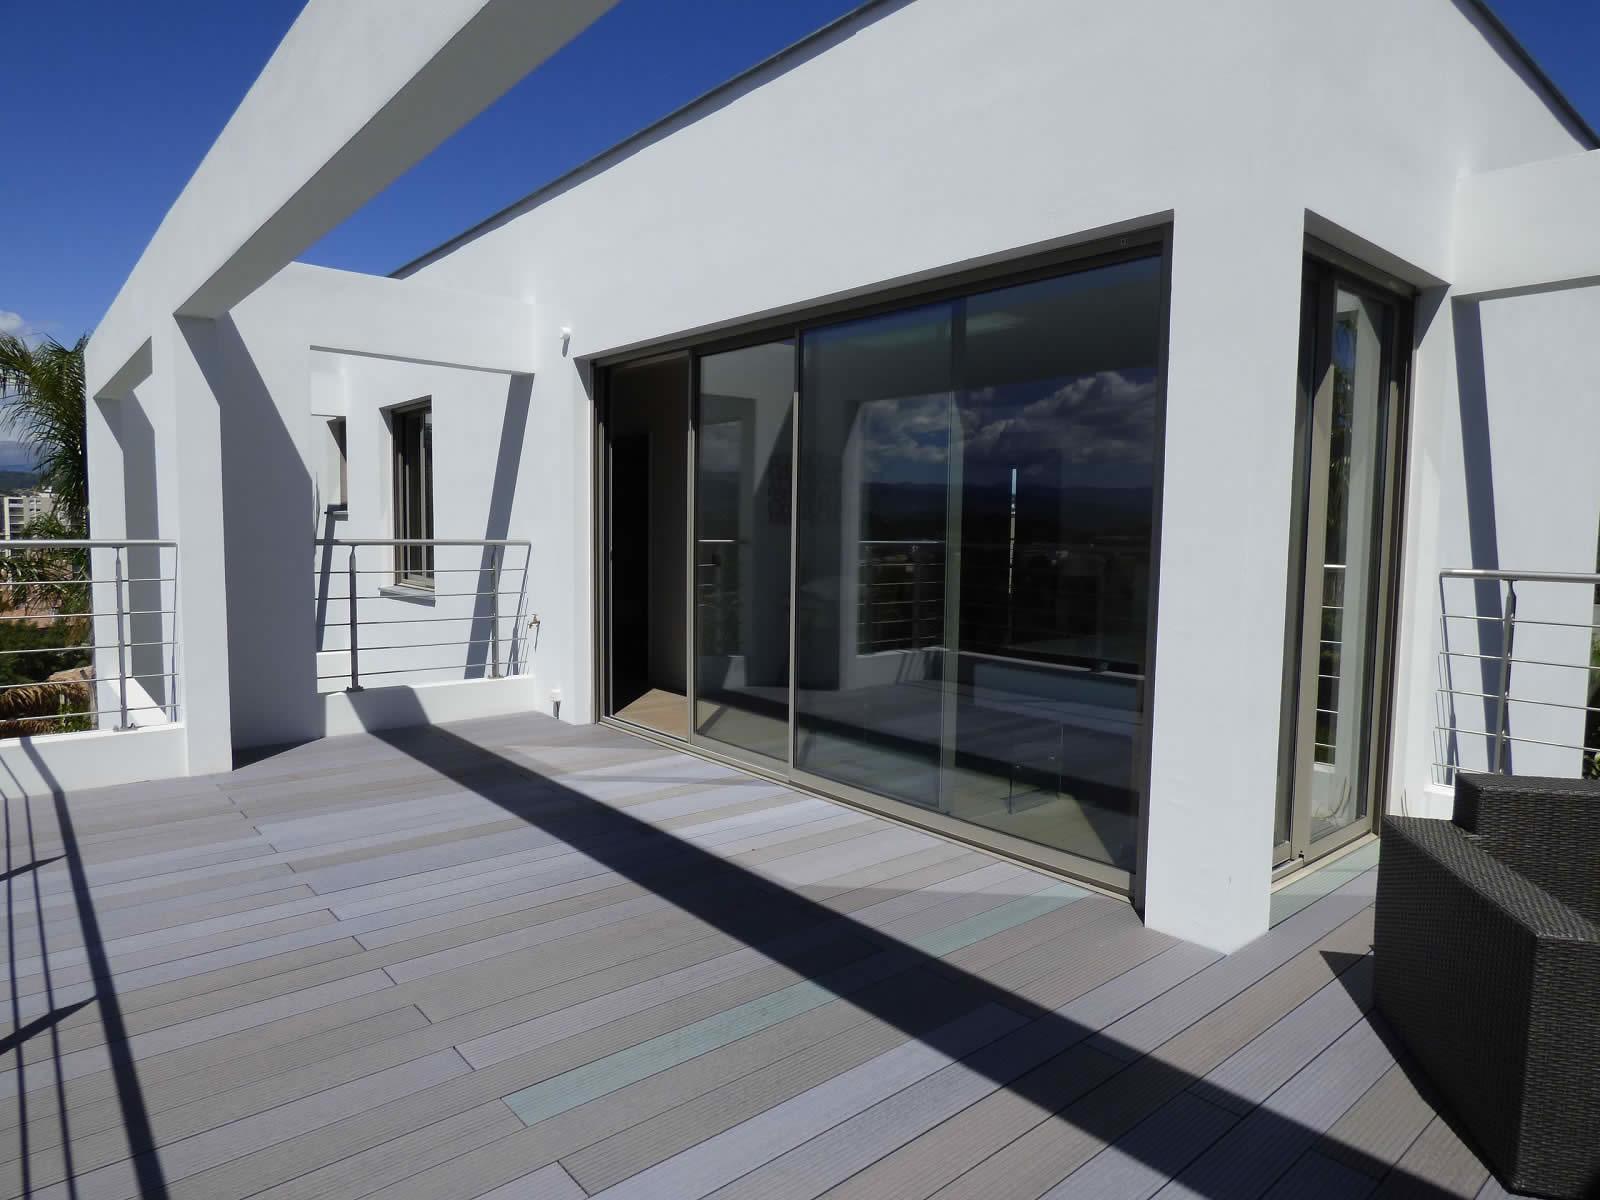 Photo facade villa moderne faade arrire with photo facade - Facade de maison moderne ...